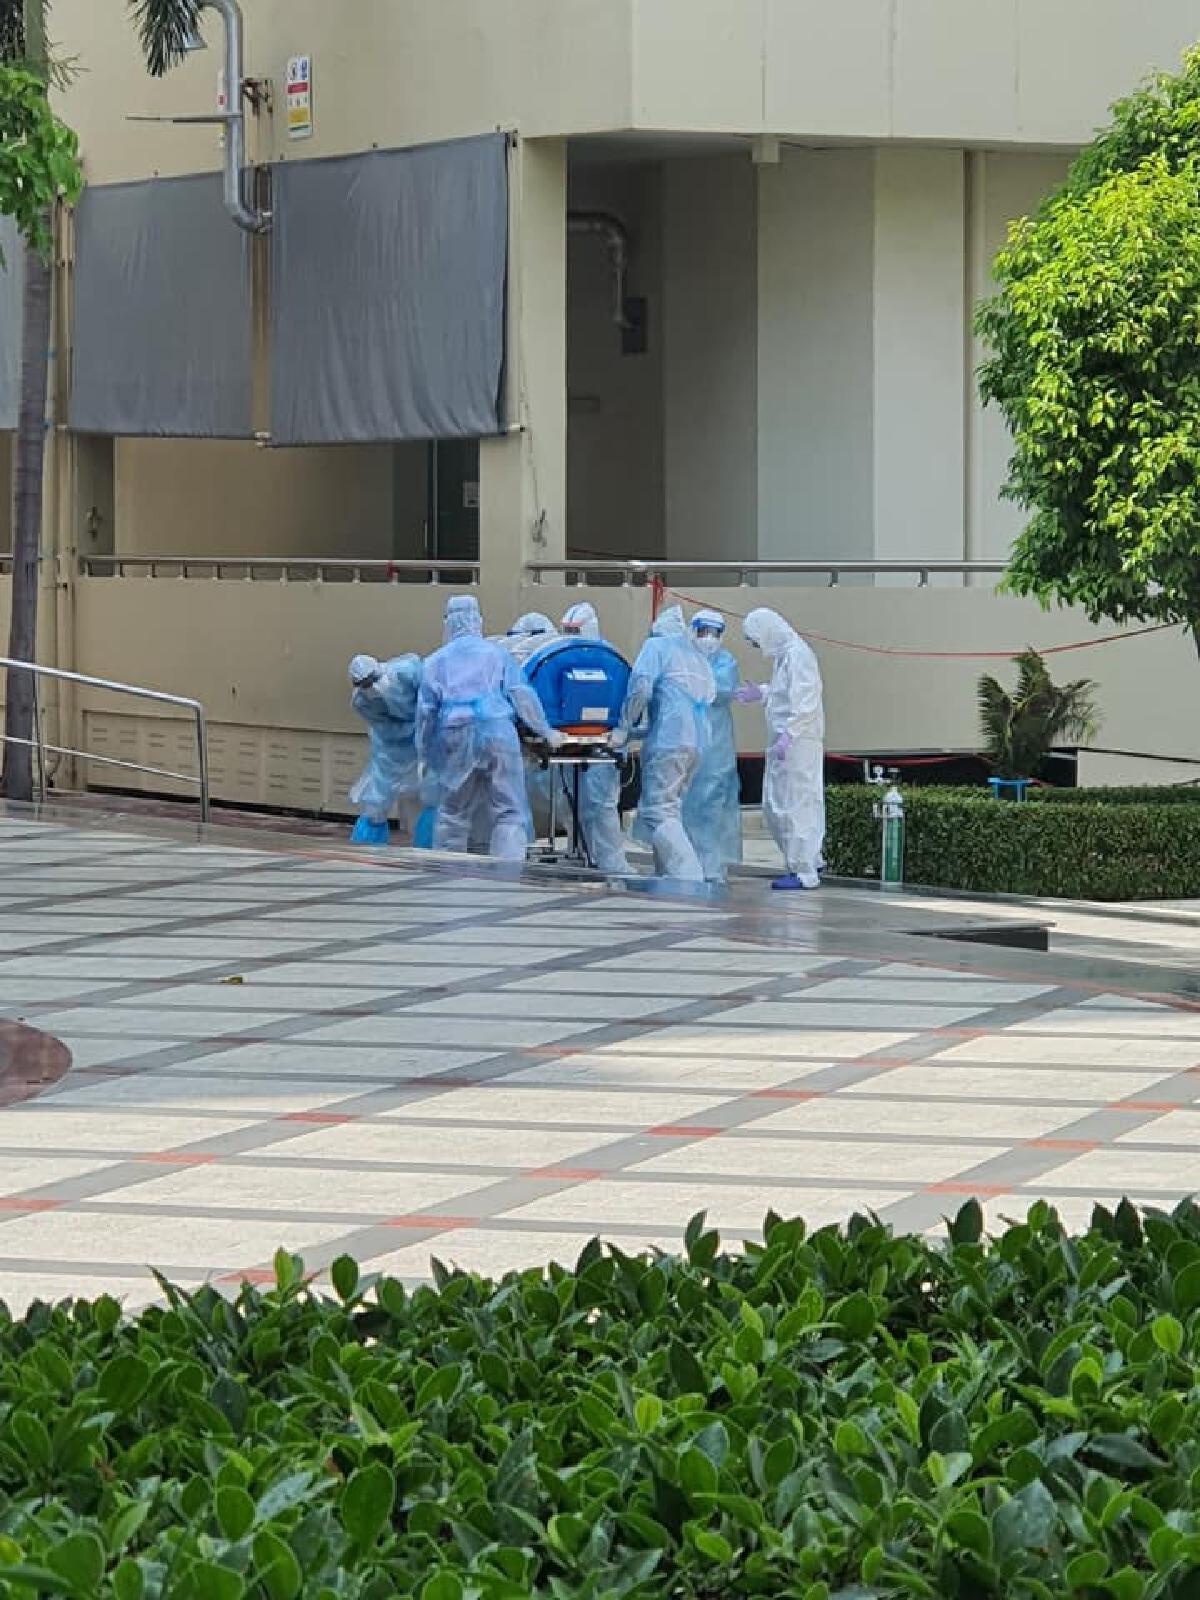 เจ้าหน้าที่ถึงกับลมจับคาชุด PPE เจอเคสสุดหิน หามผู้ป่วยโควิด19 หนัก 100 กก.